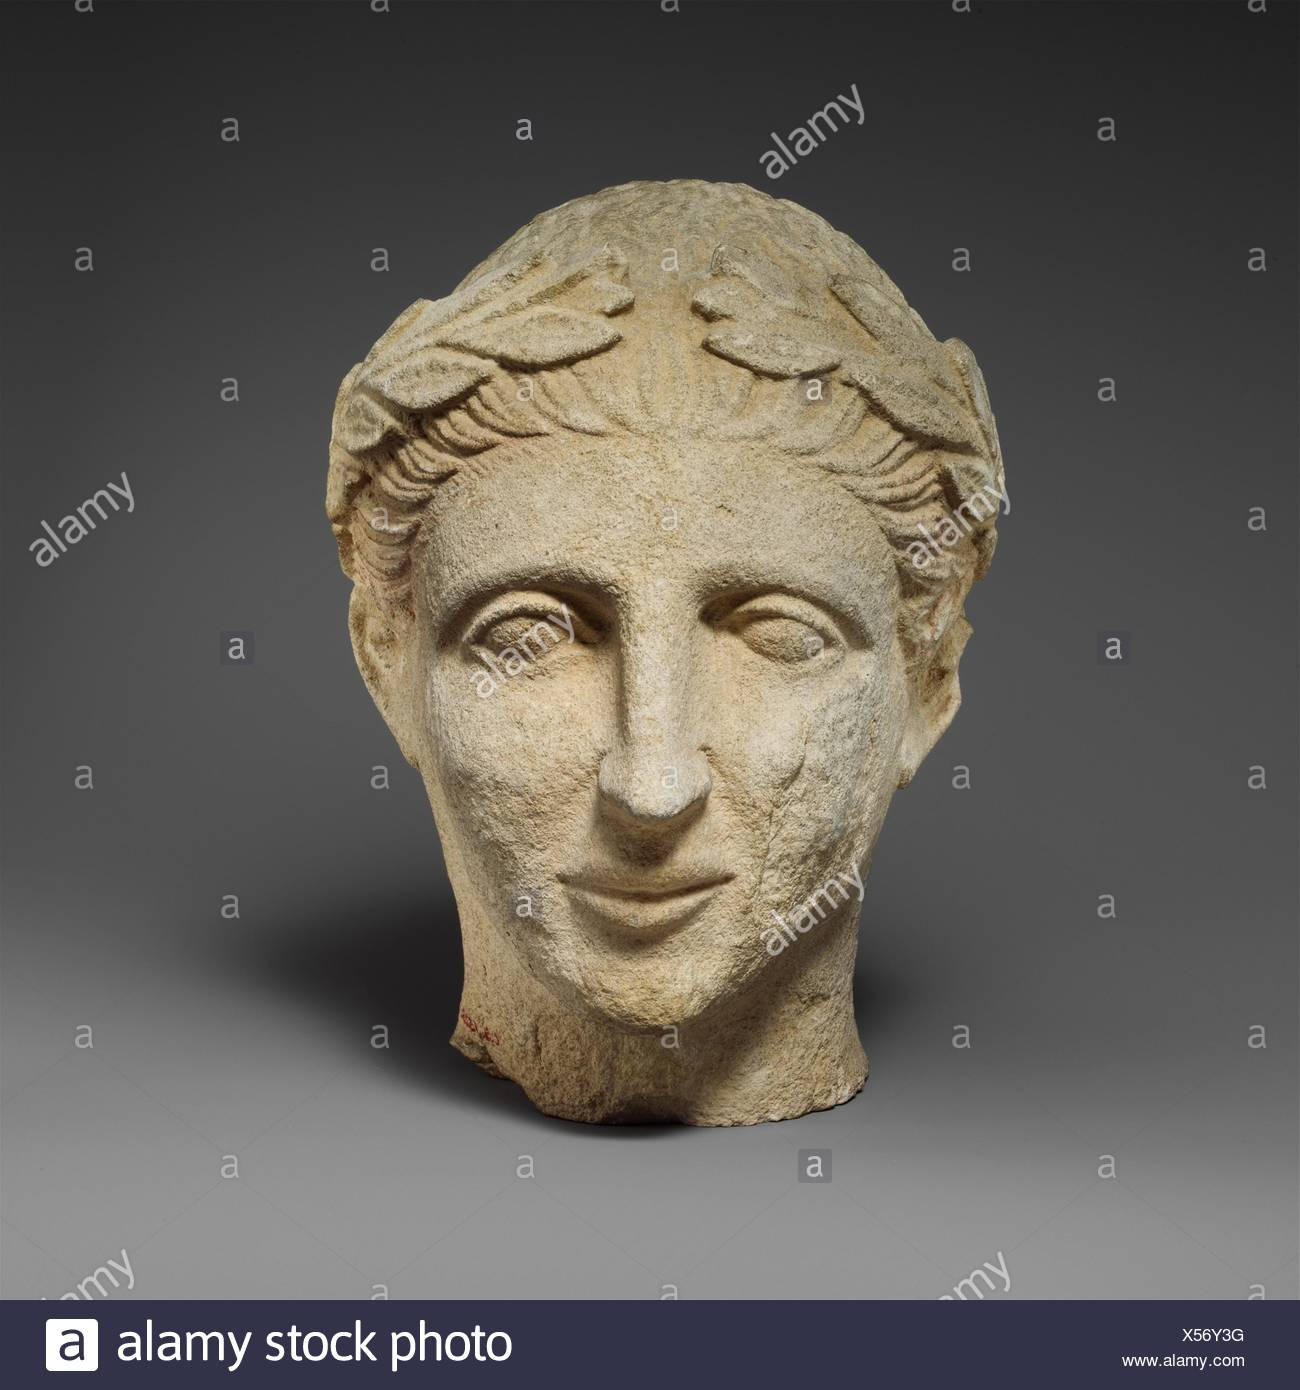 Tête en pierre calcaire d'un homme imberbe votary avec une couronne de feuilles. Période hellénistique:; Date: 2ème moitié du 4ème siècle avant J.C; culture; chypriote: Banque D'Images